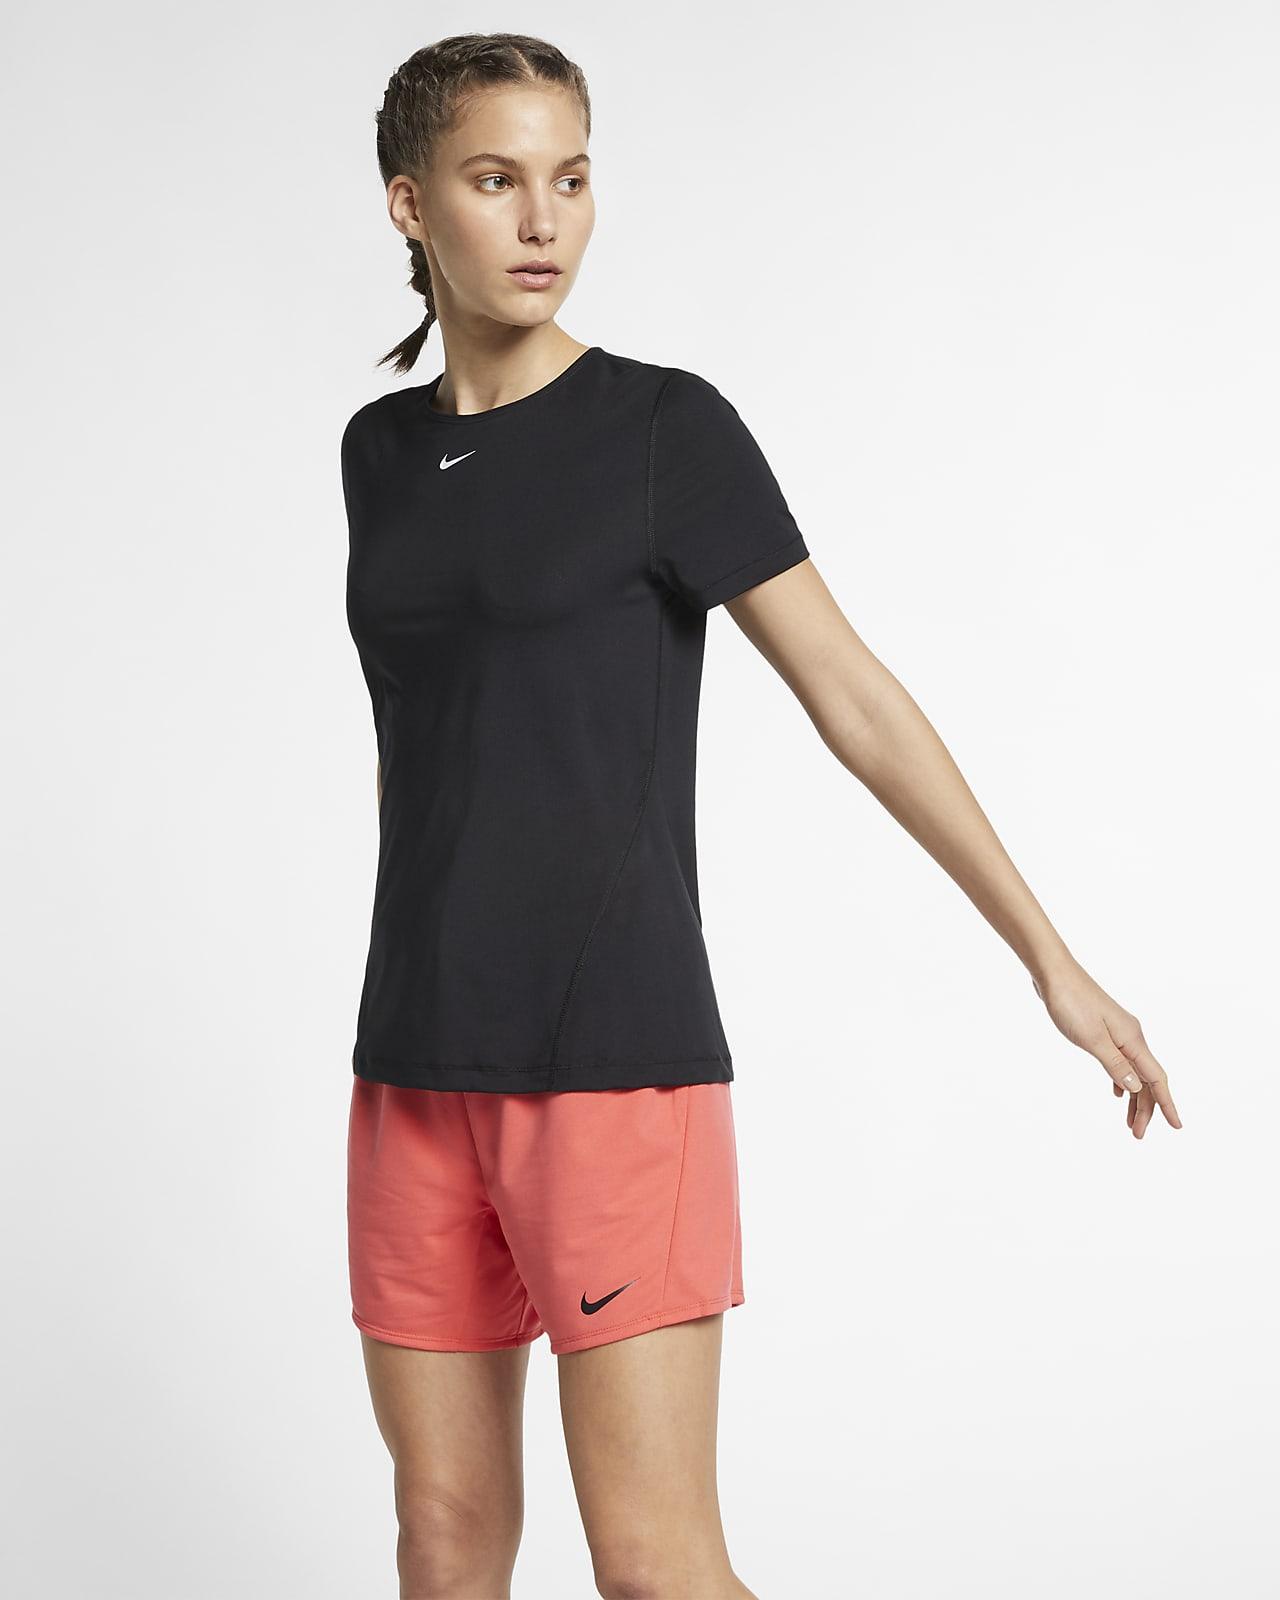 Prenda para la parte superior de entrenamiento de manga corta para mujer Nike Pro